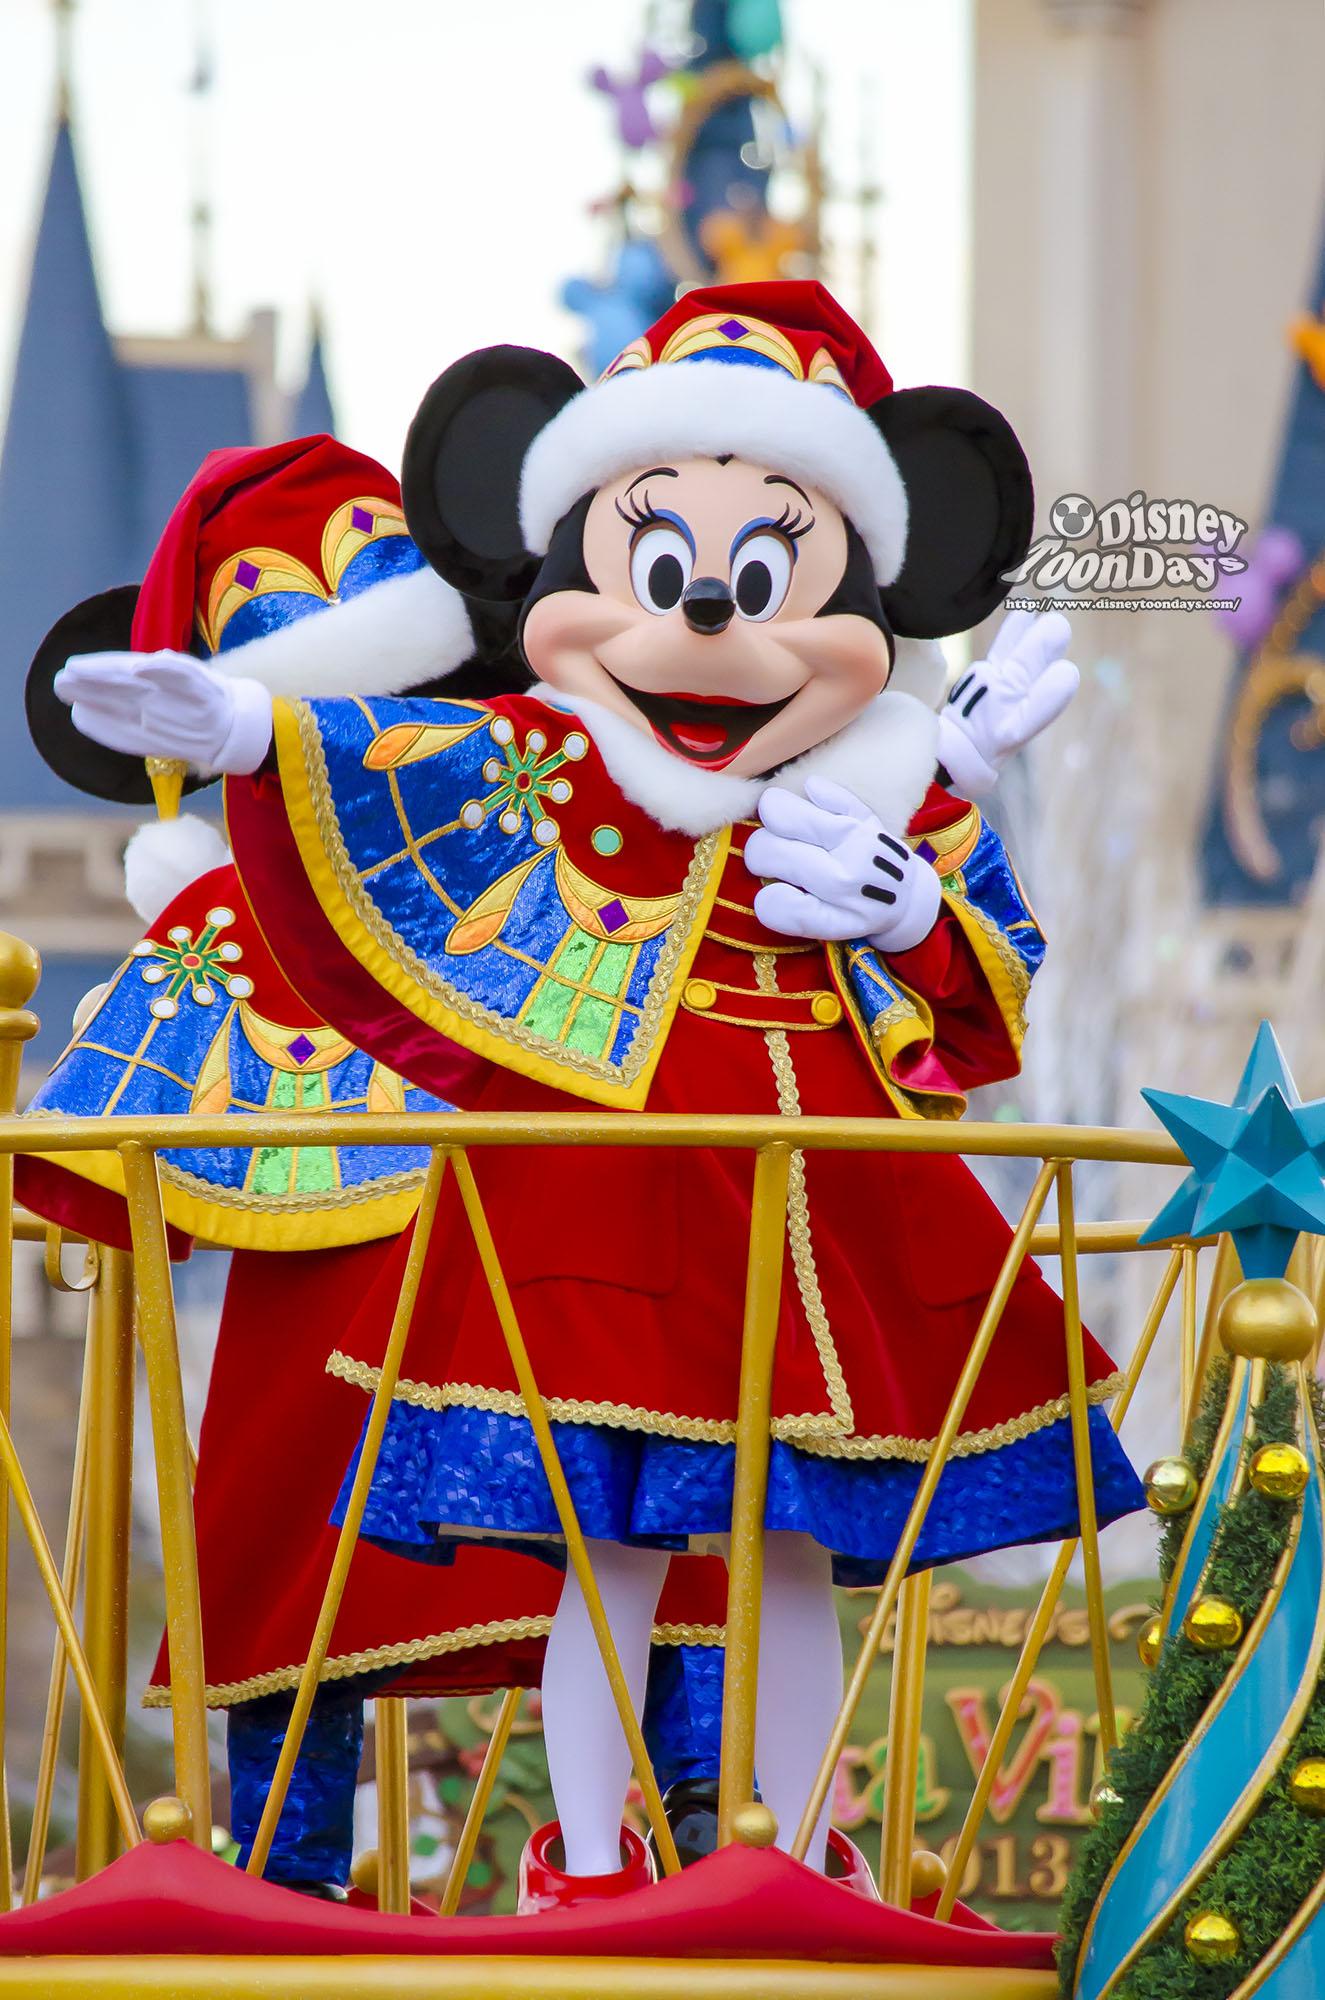 TDL クリスマス・ファンタジー 2013 ディズニー・サンタヴィレッジ・パレード ミニーマウス